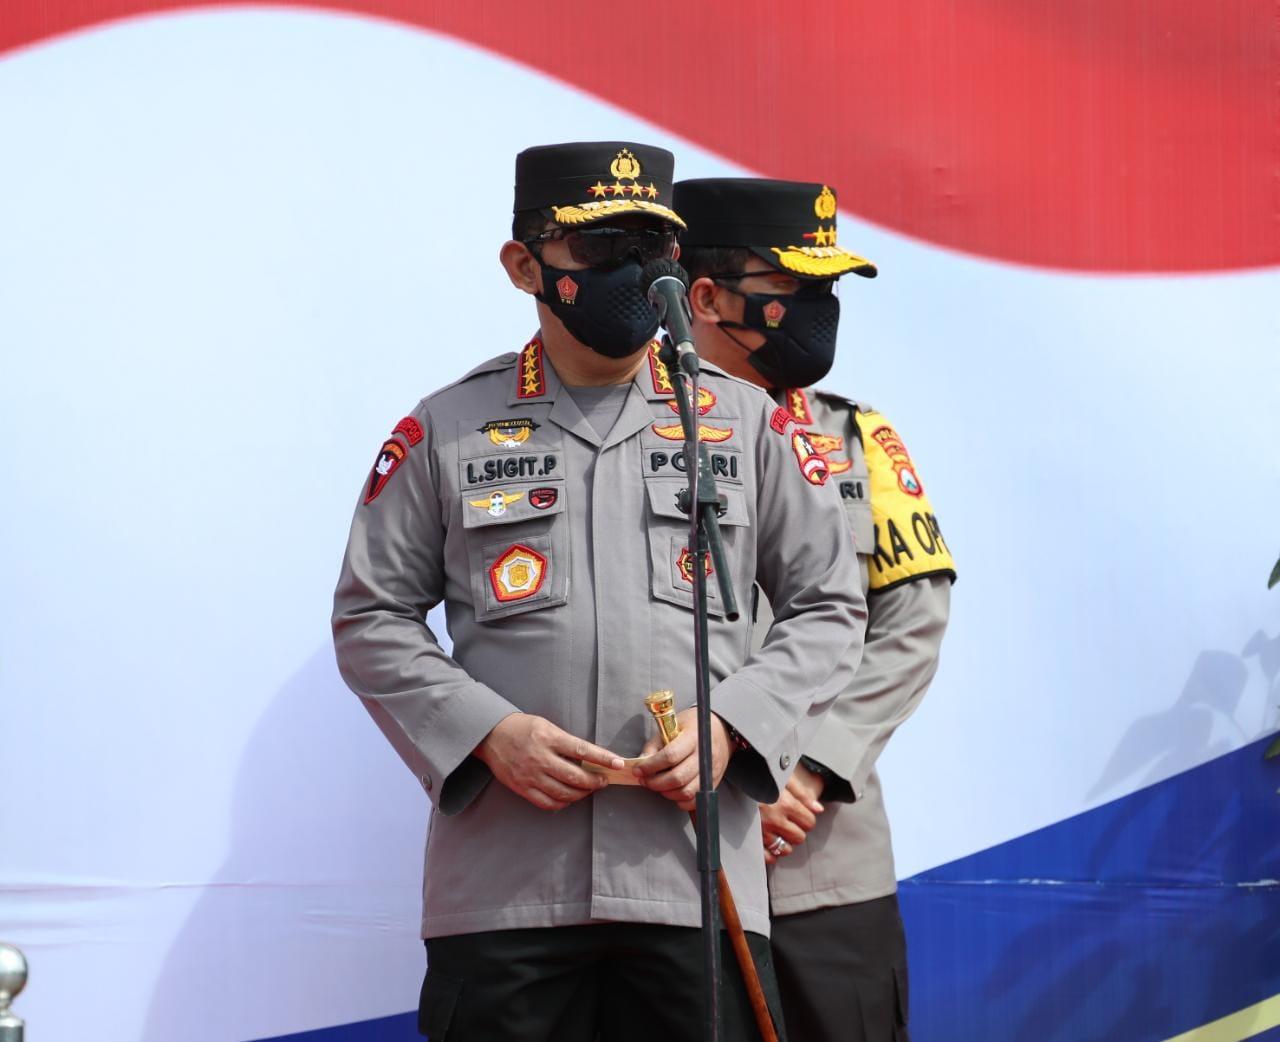 Instruksi Kapolri: Polda Se-Indonesia Patroli Skala Besar Pembagian Bansos Malam Ini